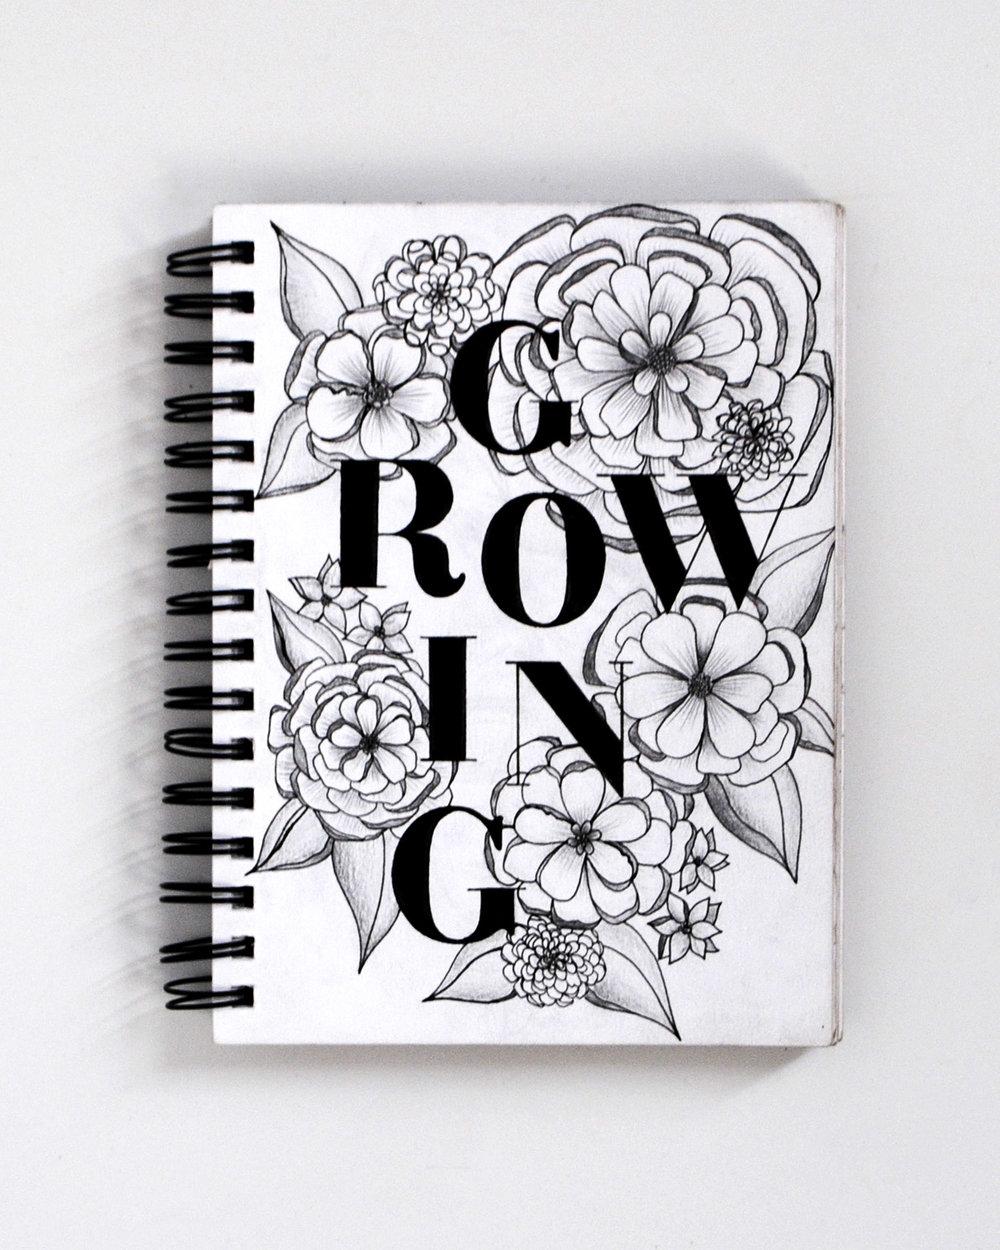 Lettering_Growing copy.jpg